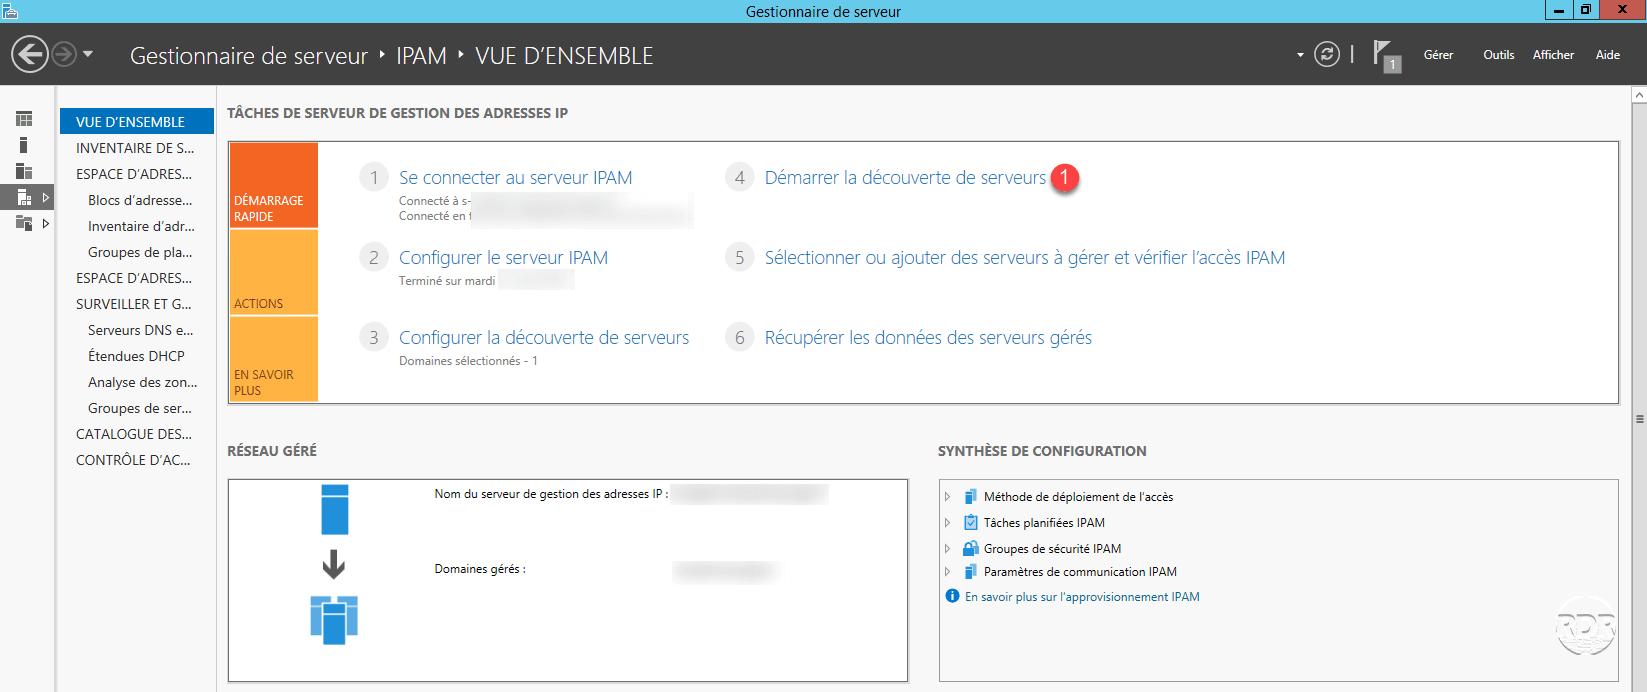 Lancer la découverte des serveurs